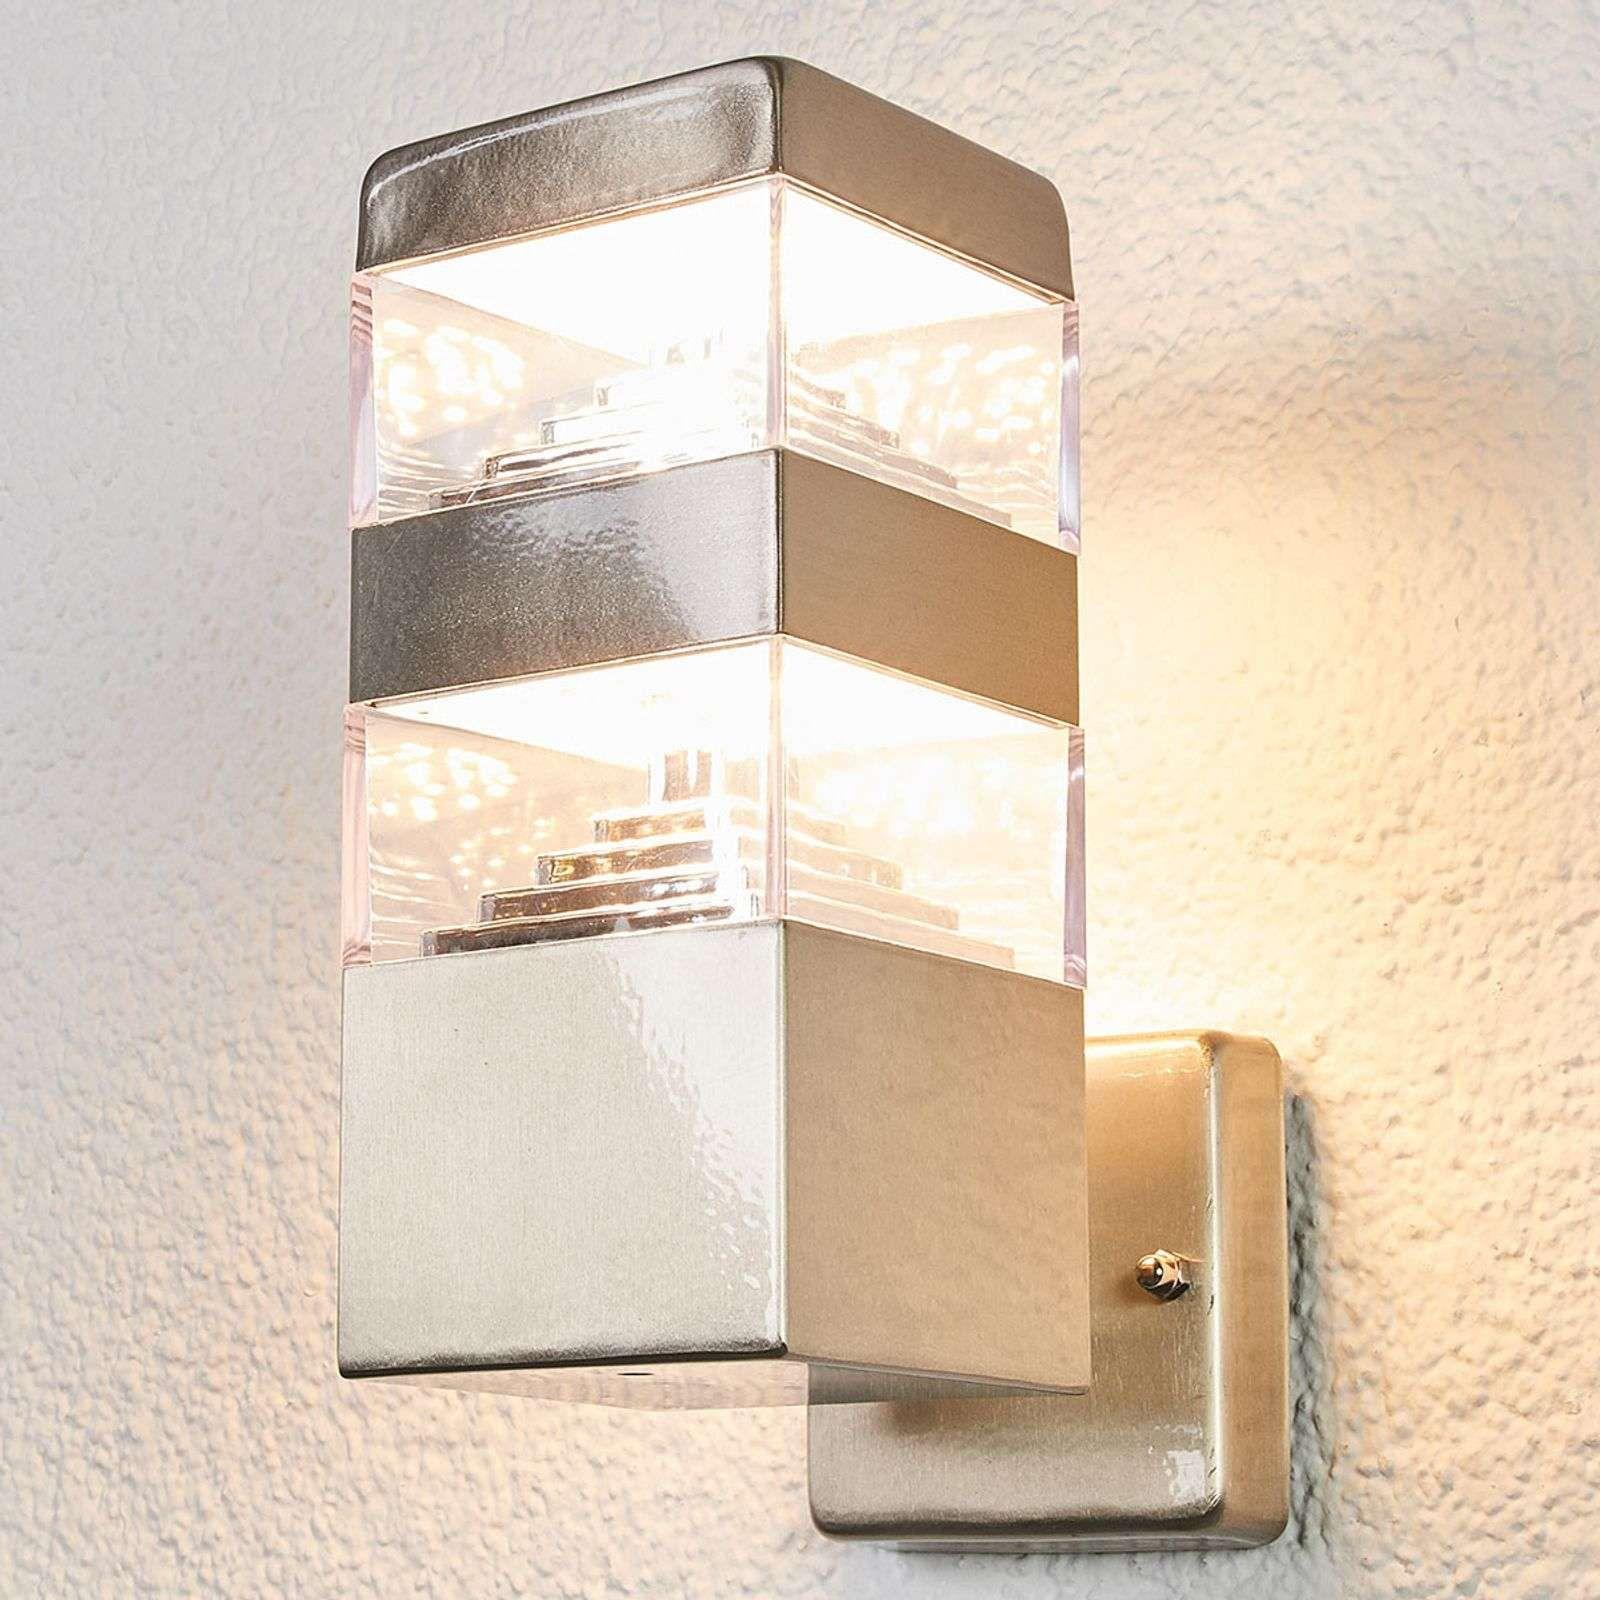 Strakke Led Wandlamp Sinja Voor Buiten Van Lampenwelt Com In 2020 Wandlamp Buiten Wandverlichting Led